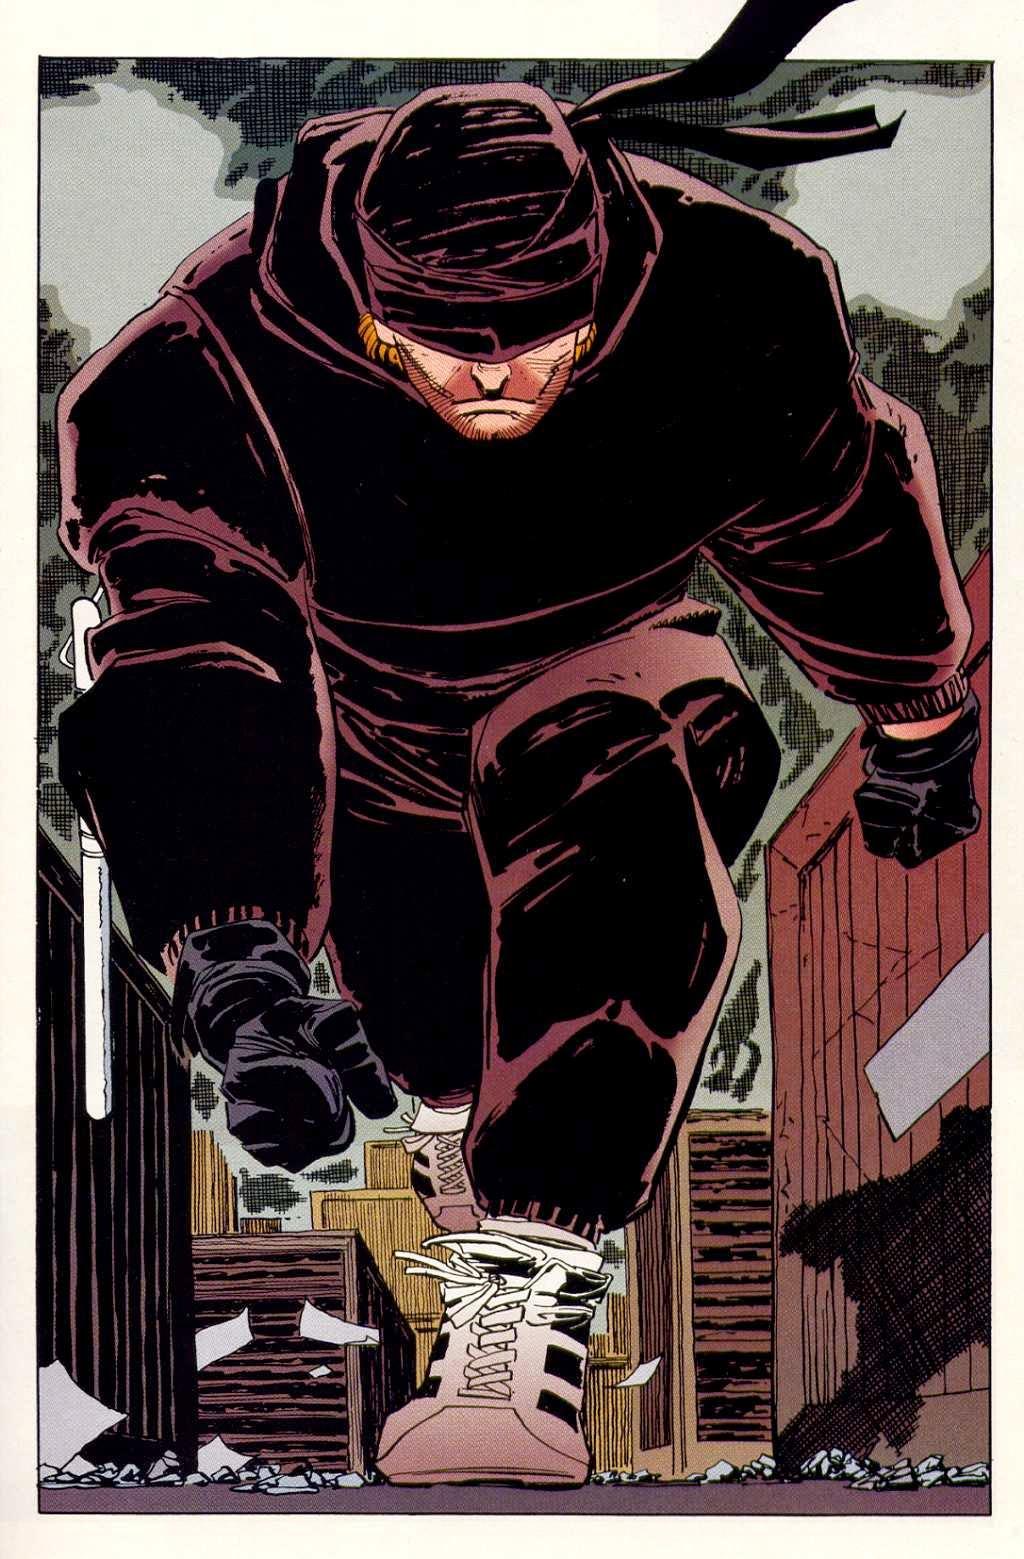 Daredevil selon Frank Miller.